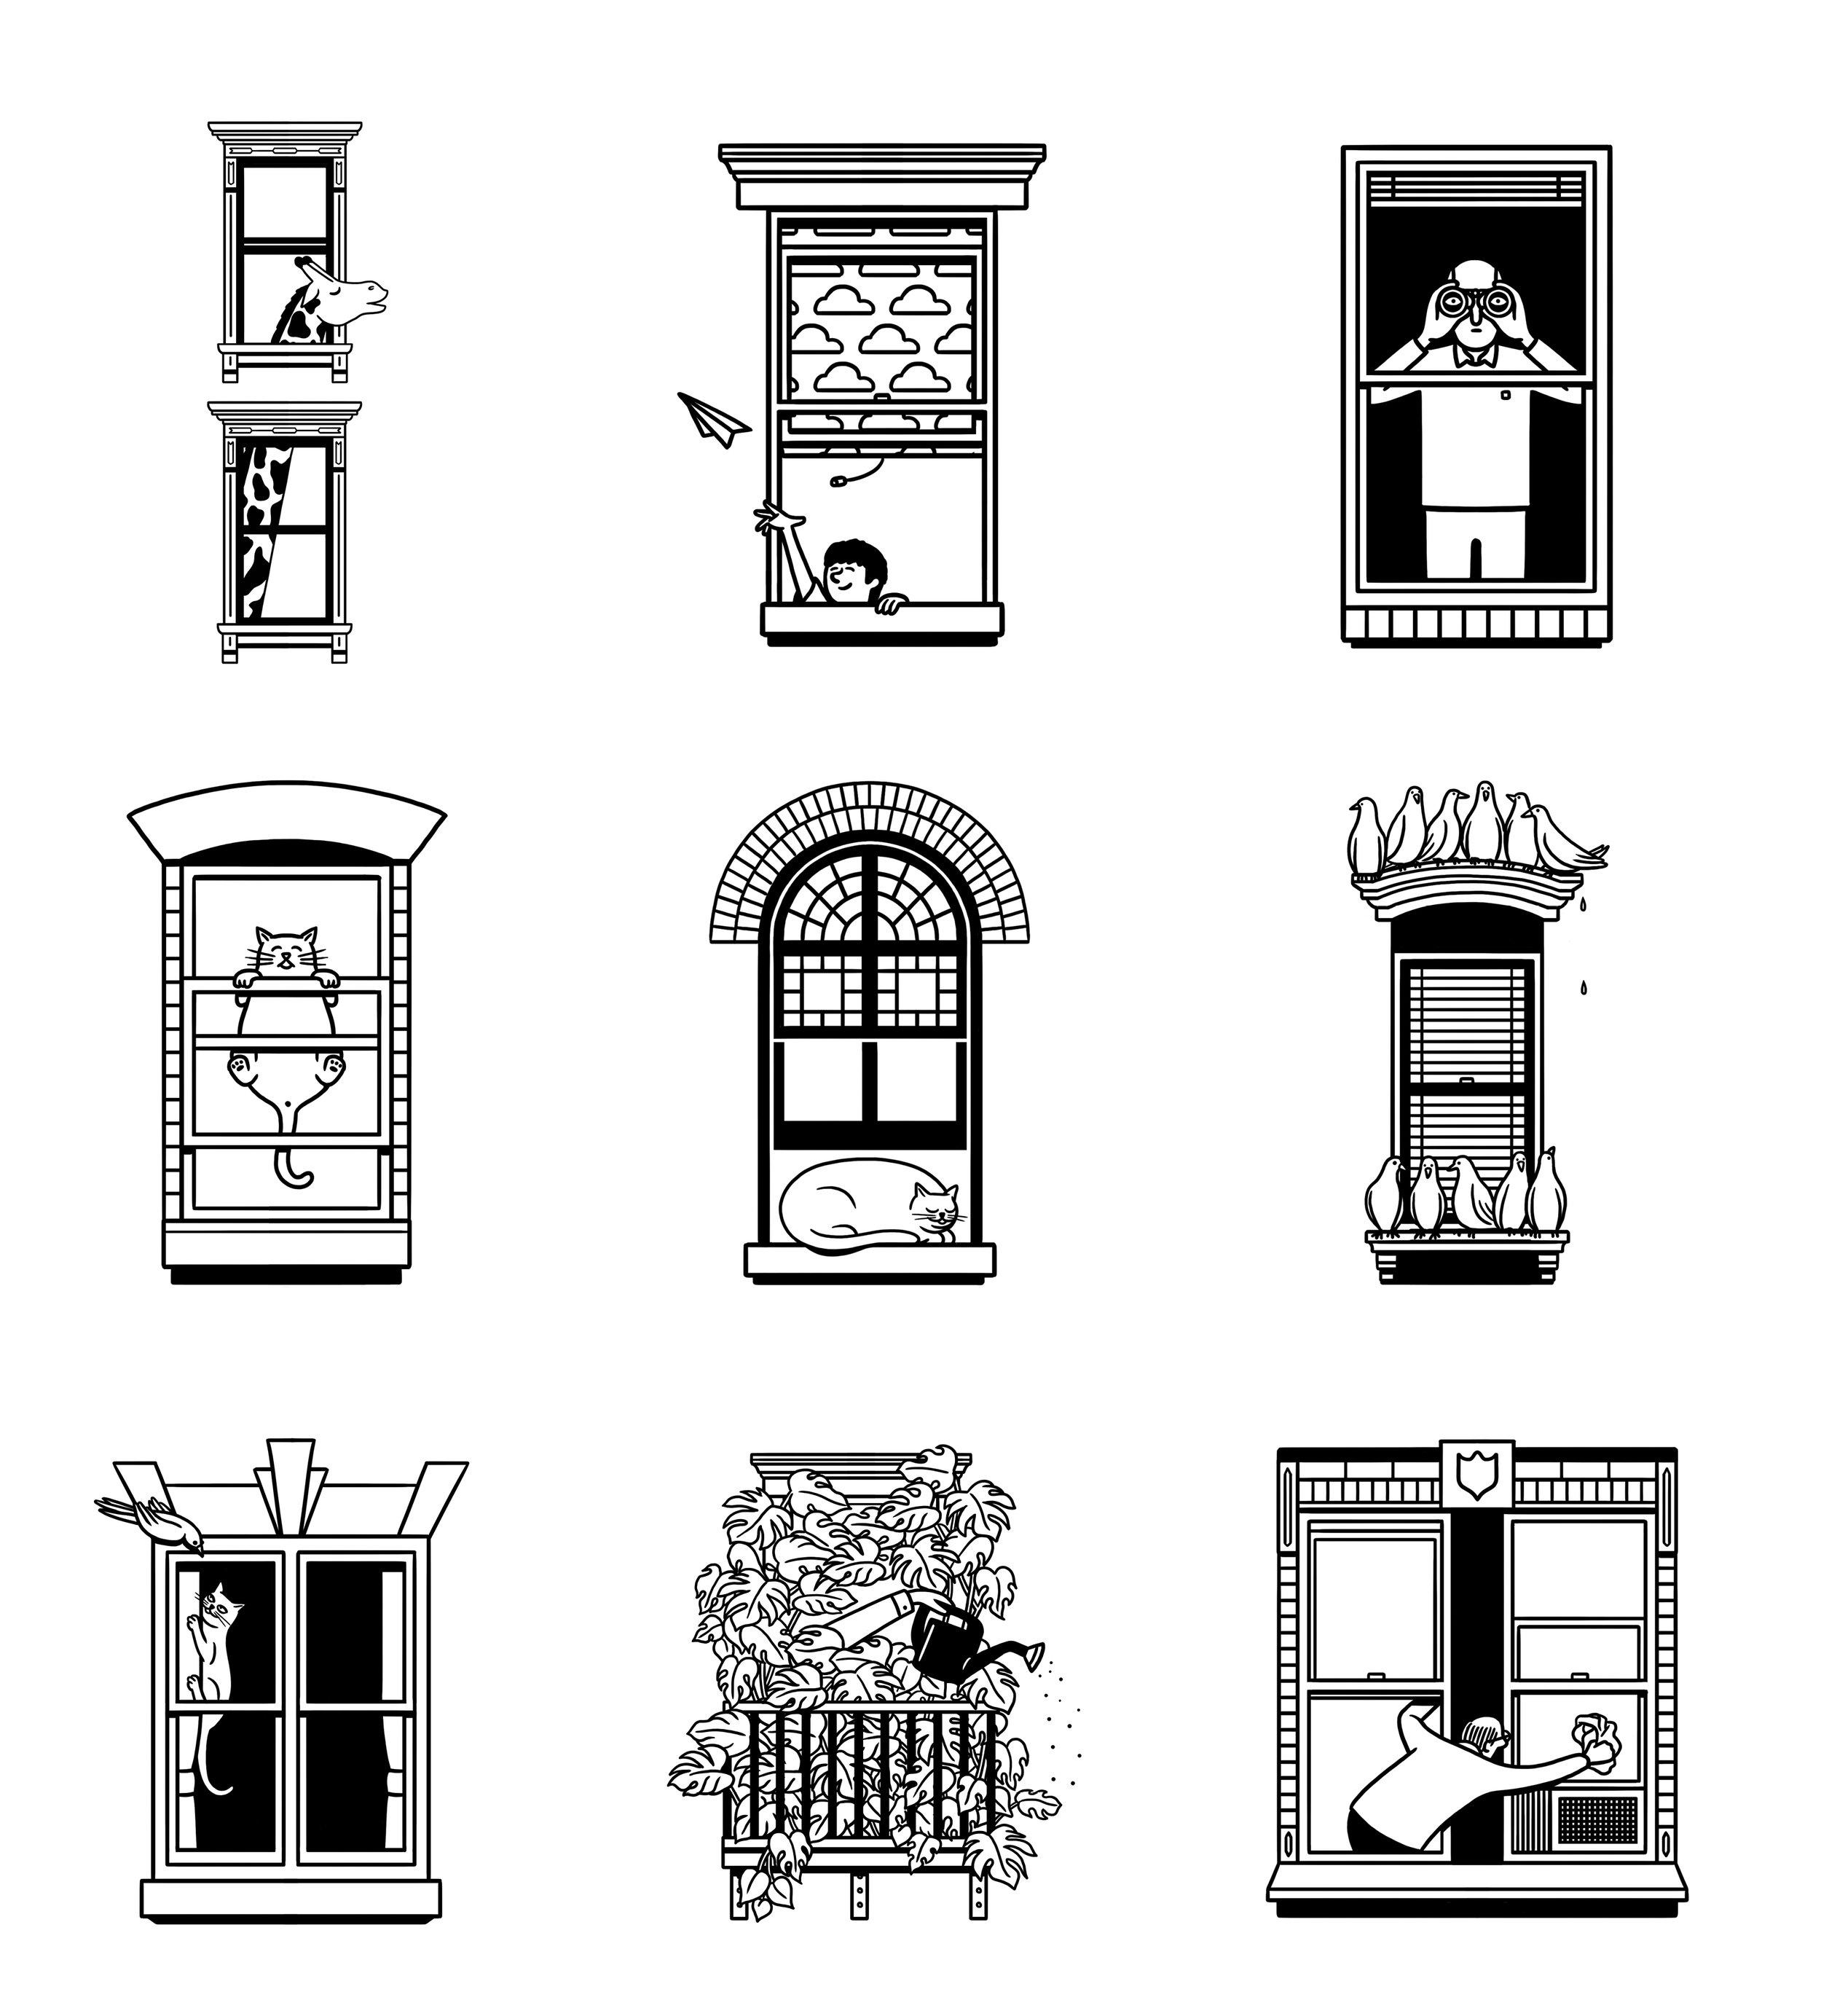 Illustrations by Matt Blease